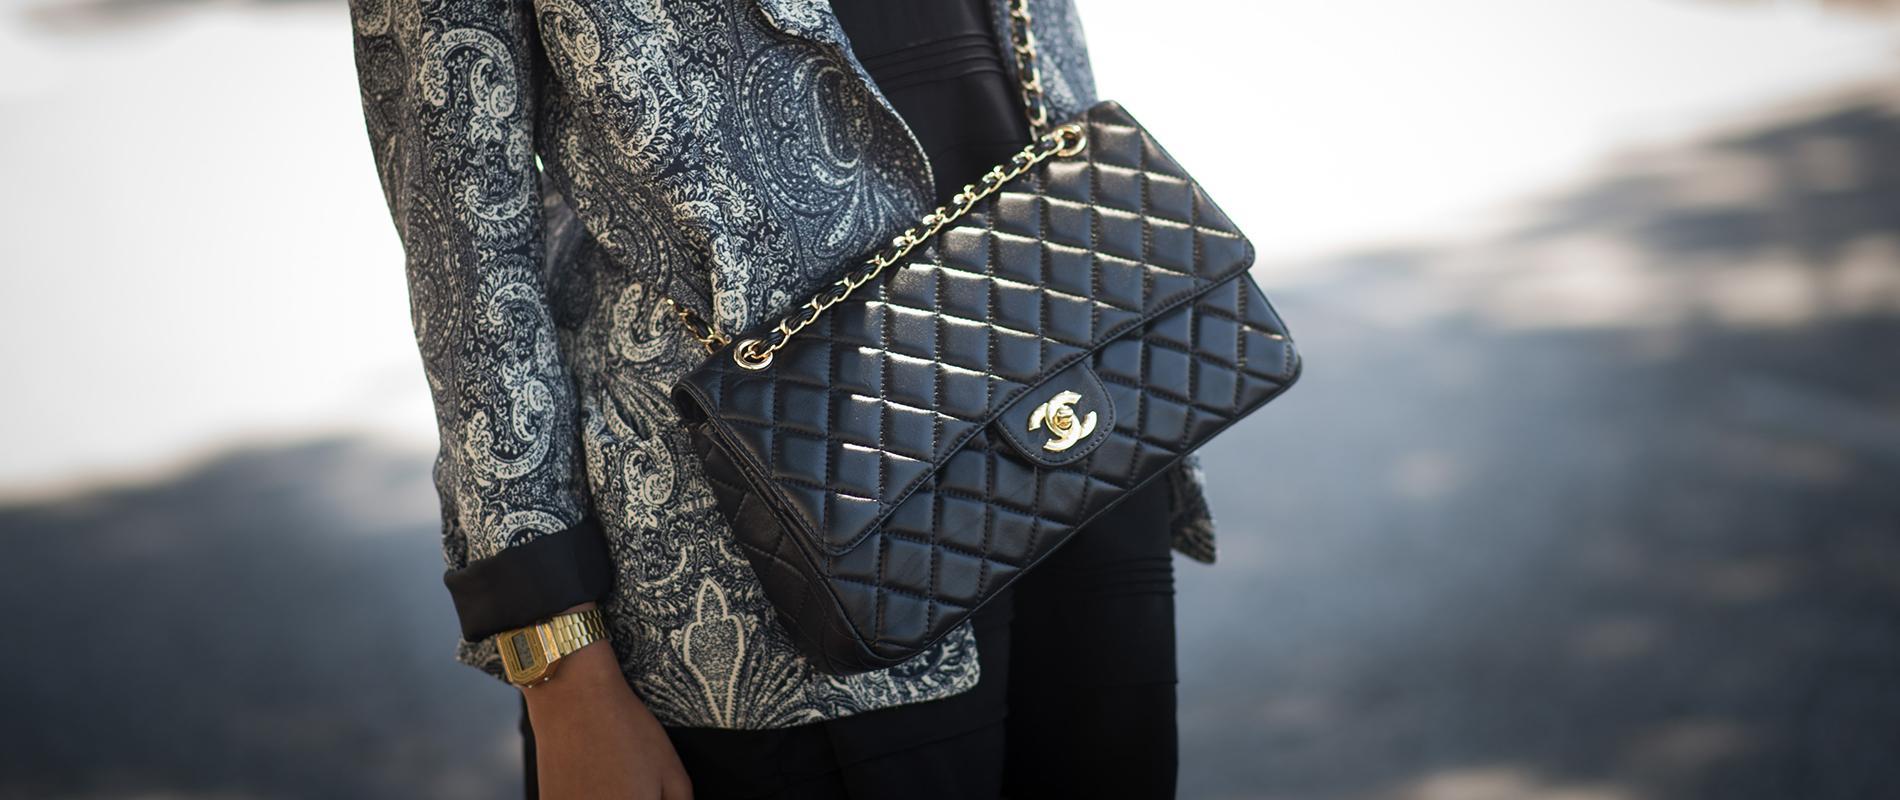 369adccfaf Créé en 1955, le sac Chanel 2.55 a pris 500 dollars de plus en un an.